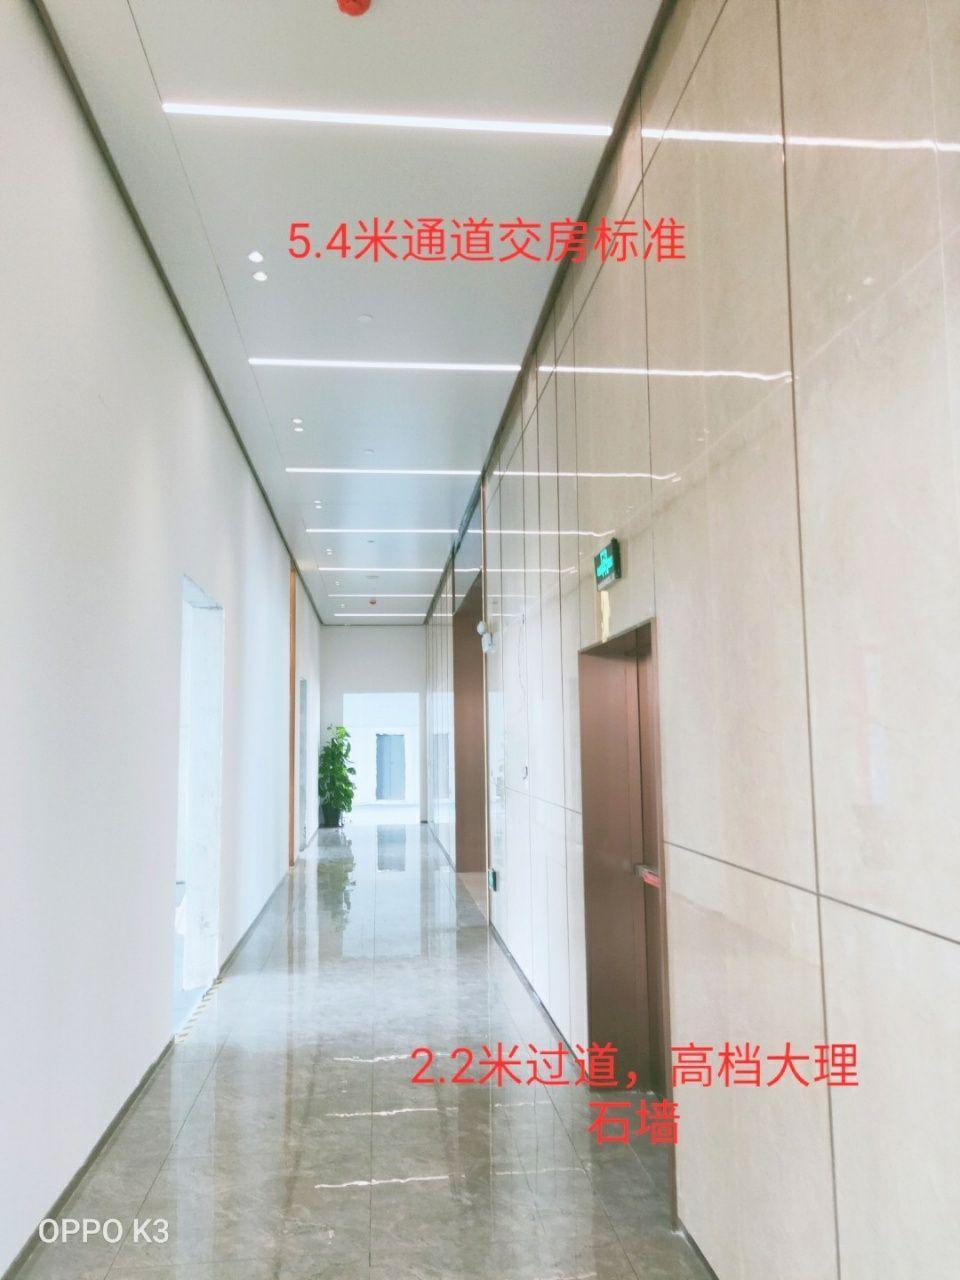 宝安地标红本现房 工业研发办公楼30万平米出卖-图4